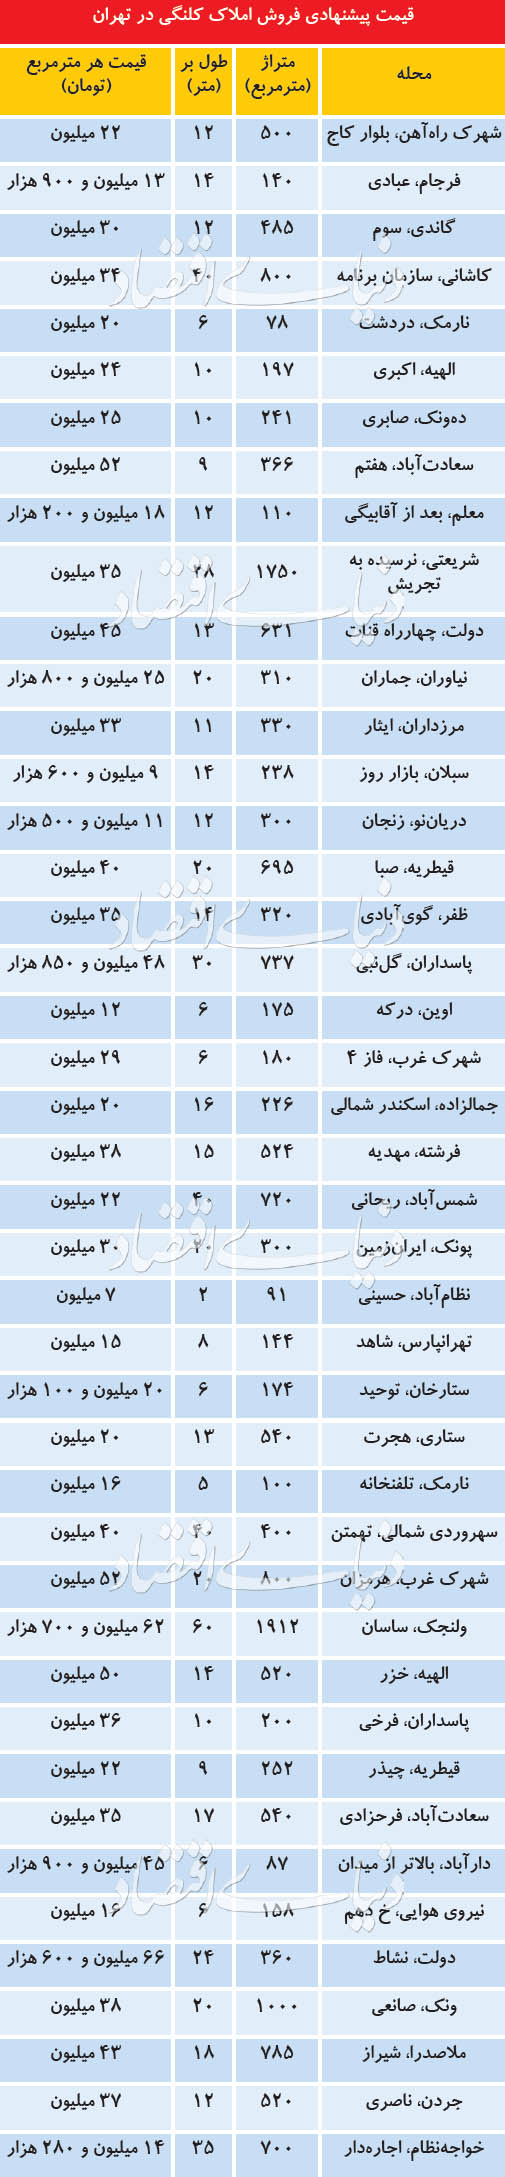 قیمت املاک کلنگی در تهران